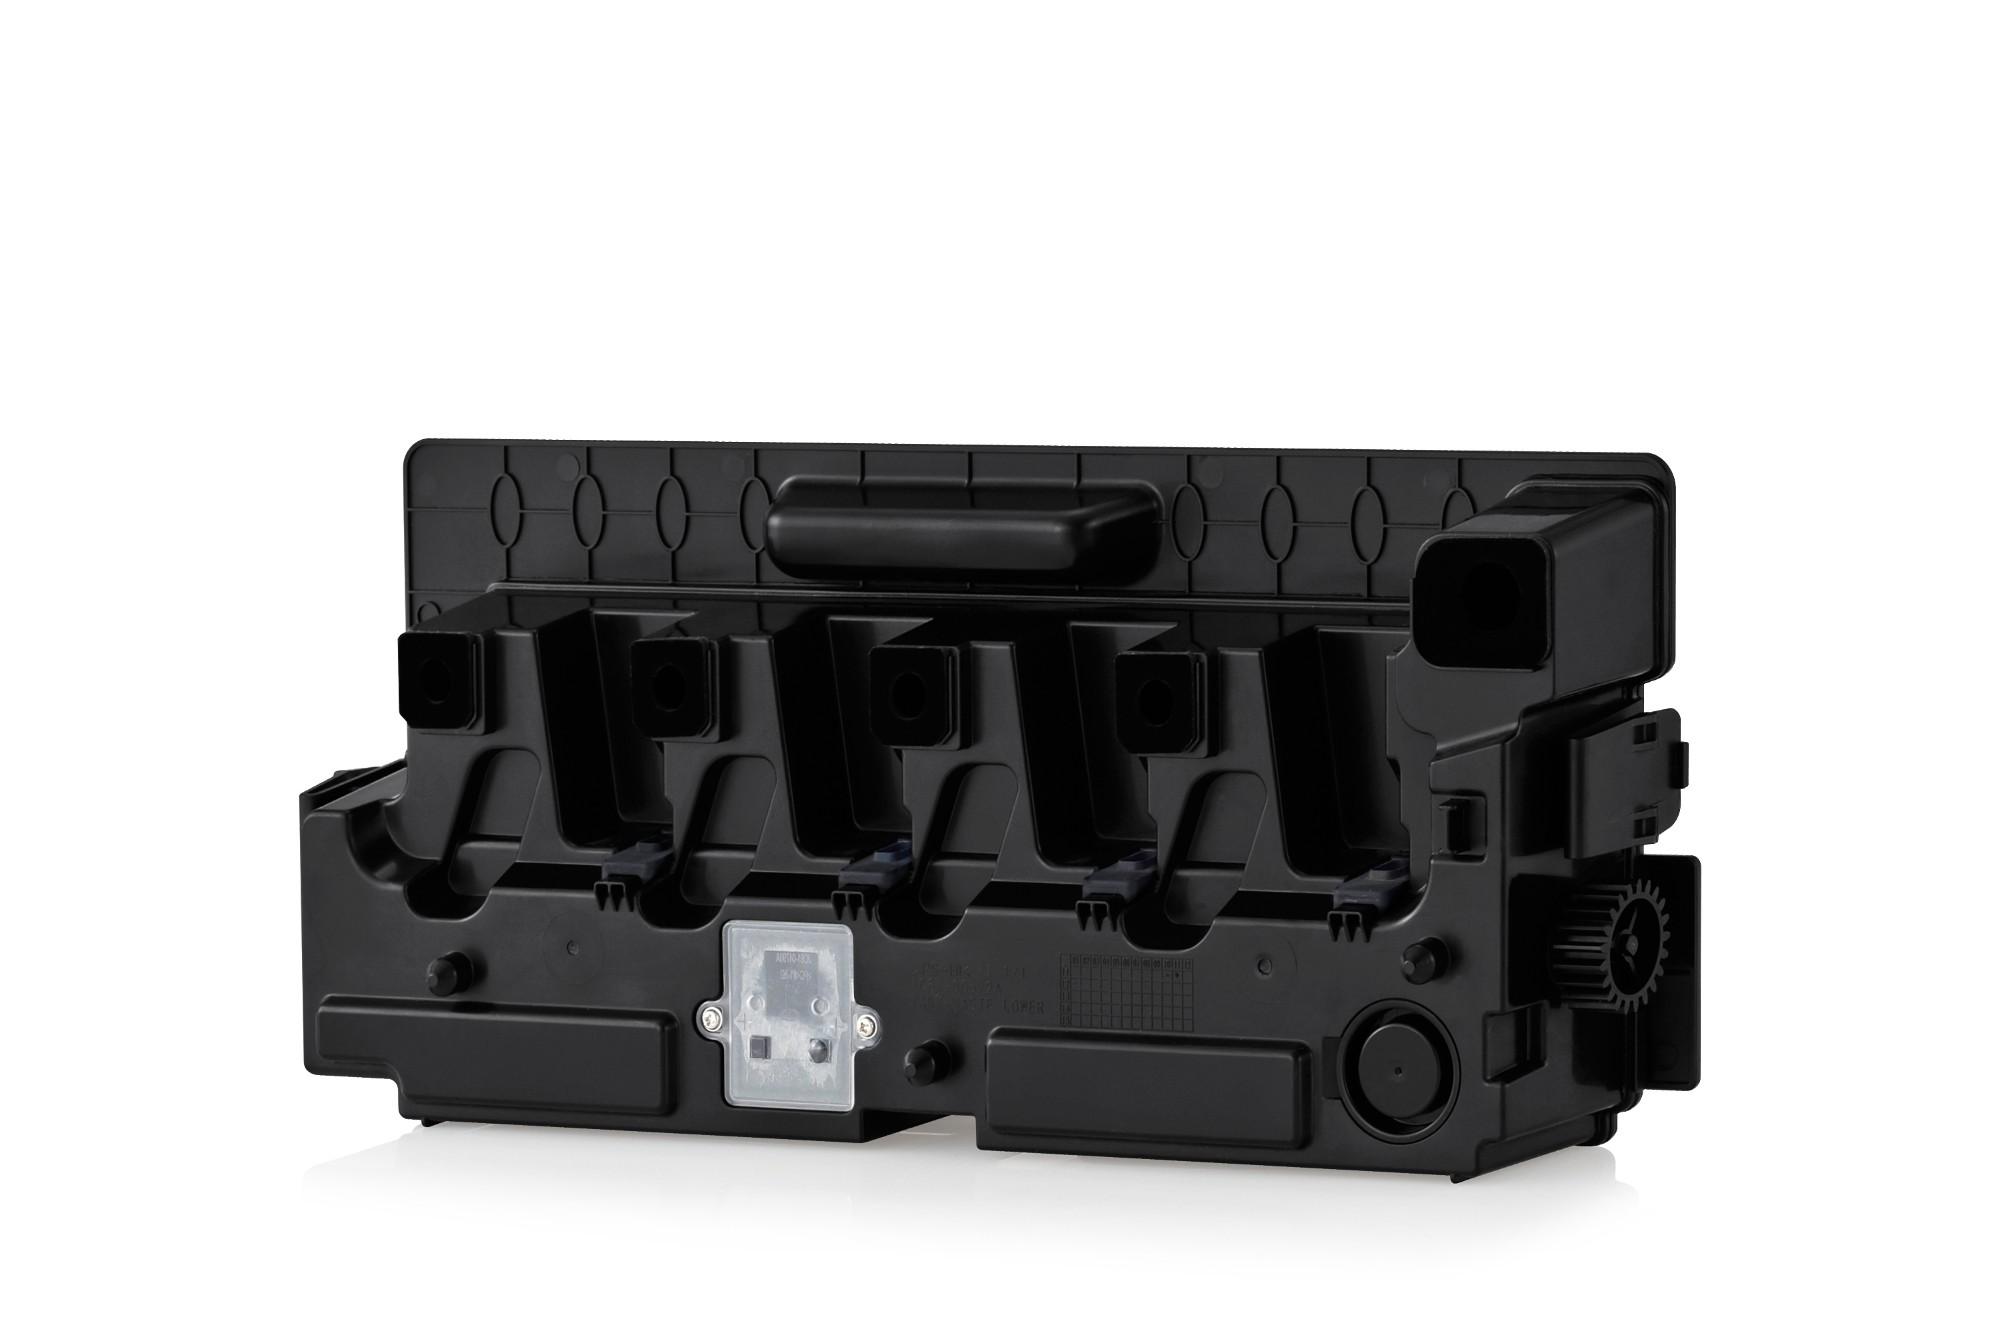 HP CLT-W809 colector de toner